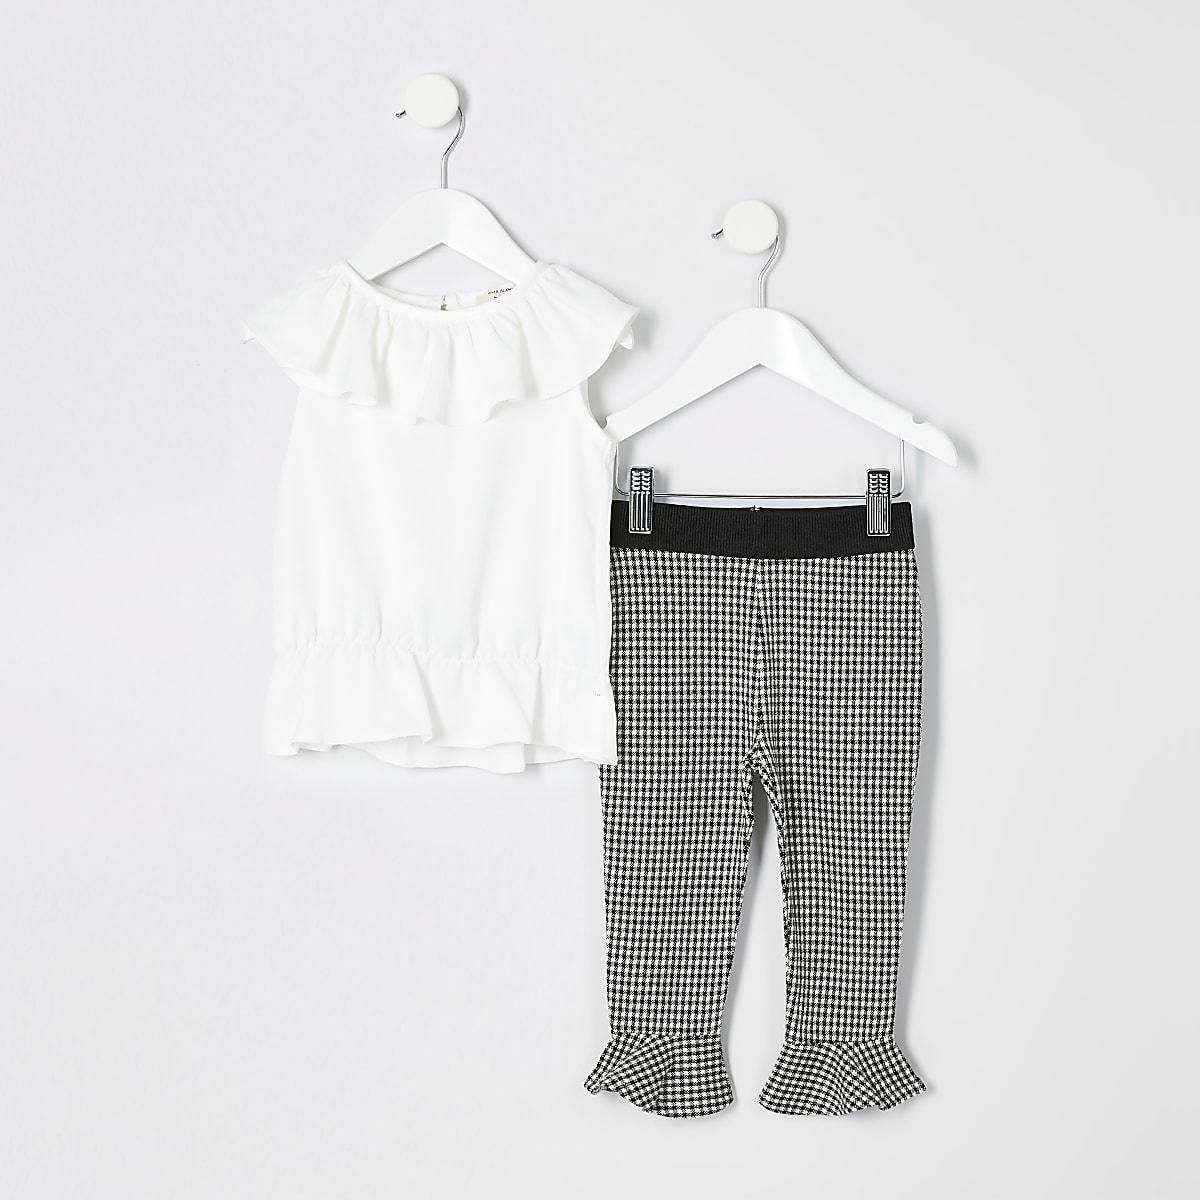 Mini - Outfit met witte top met ruches voor meisjes